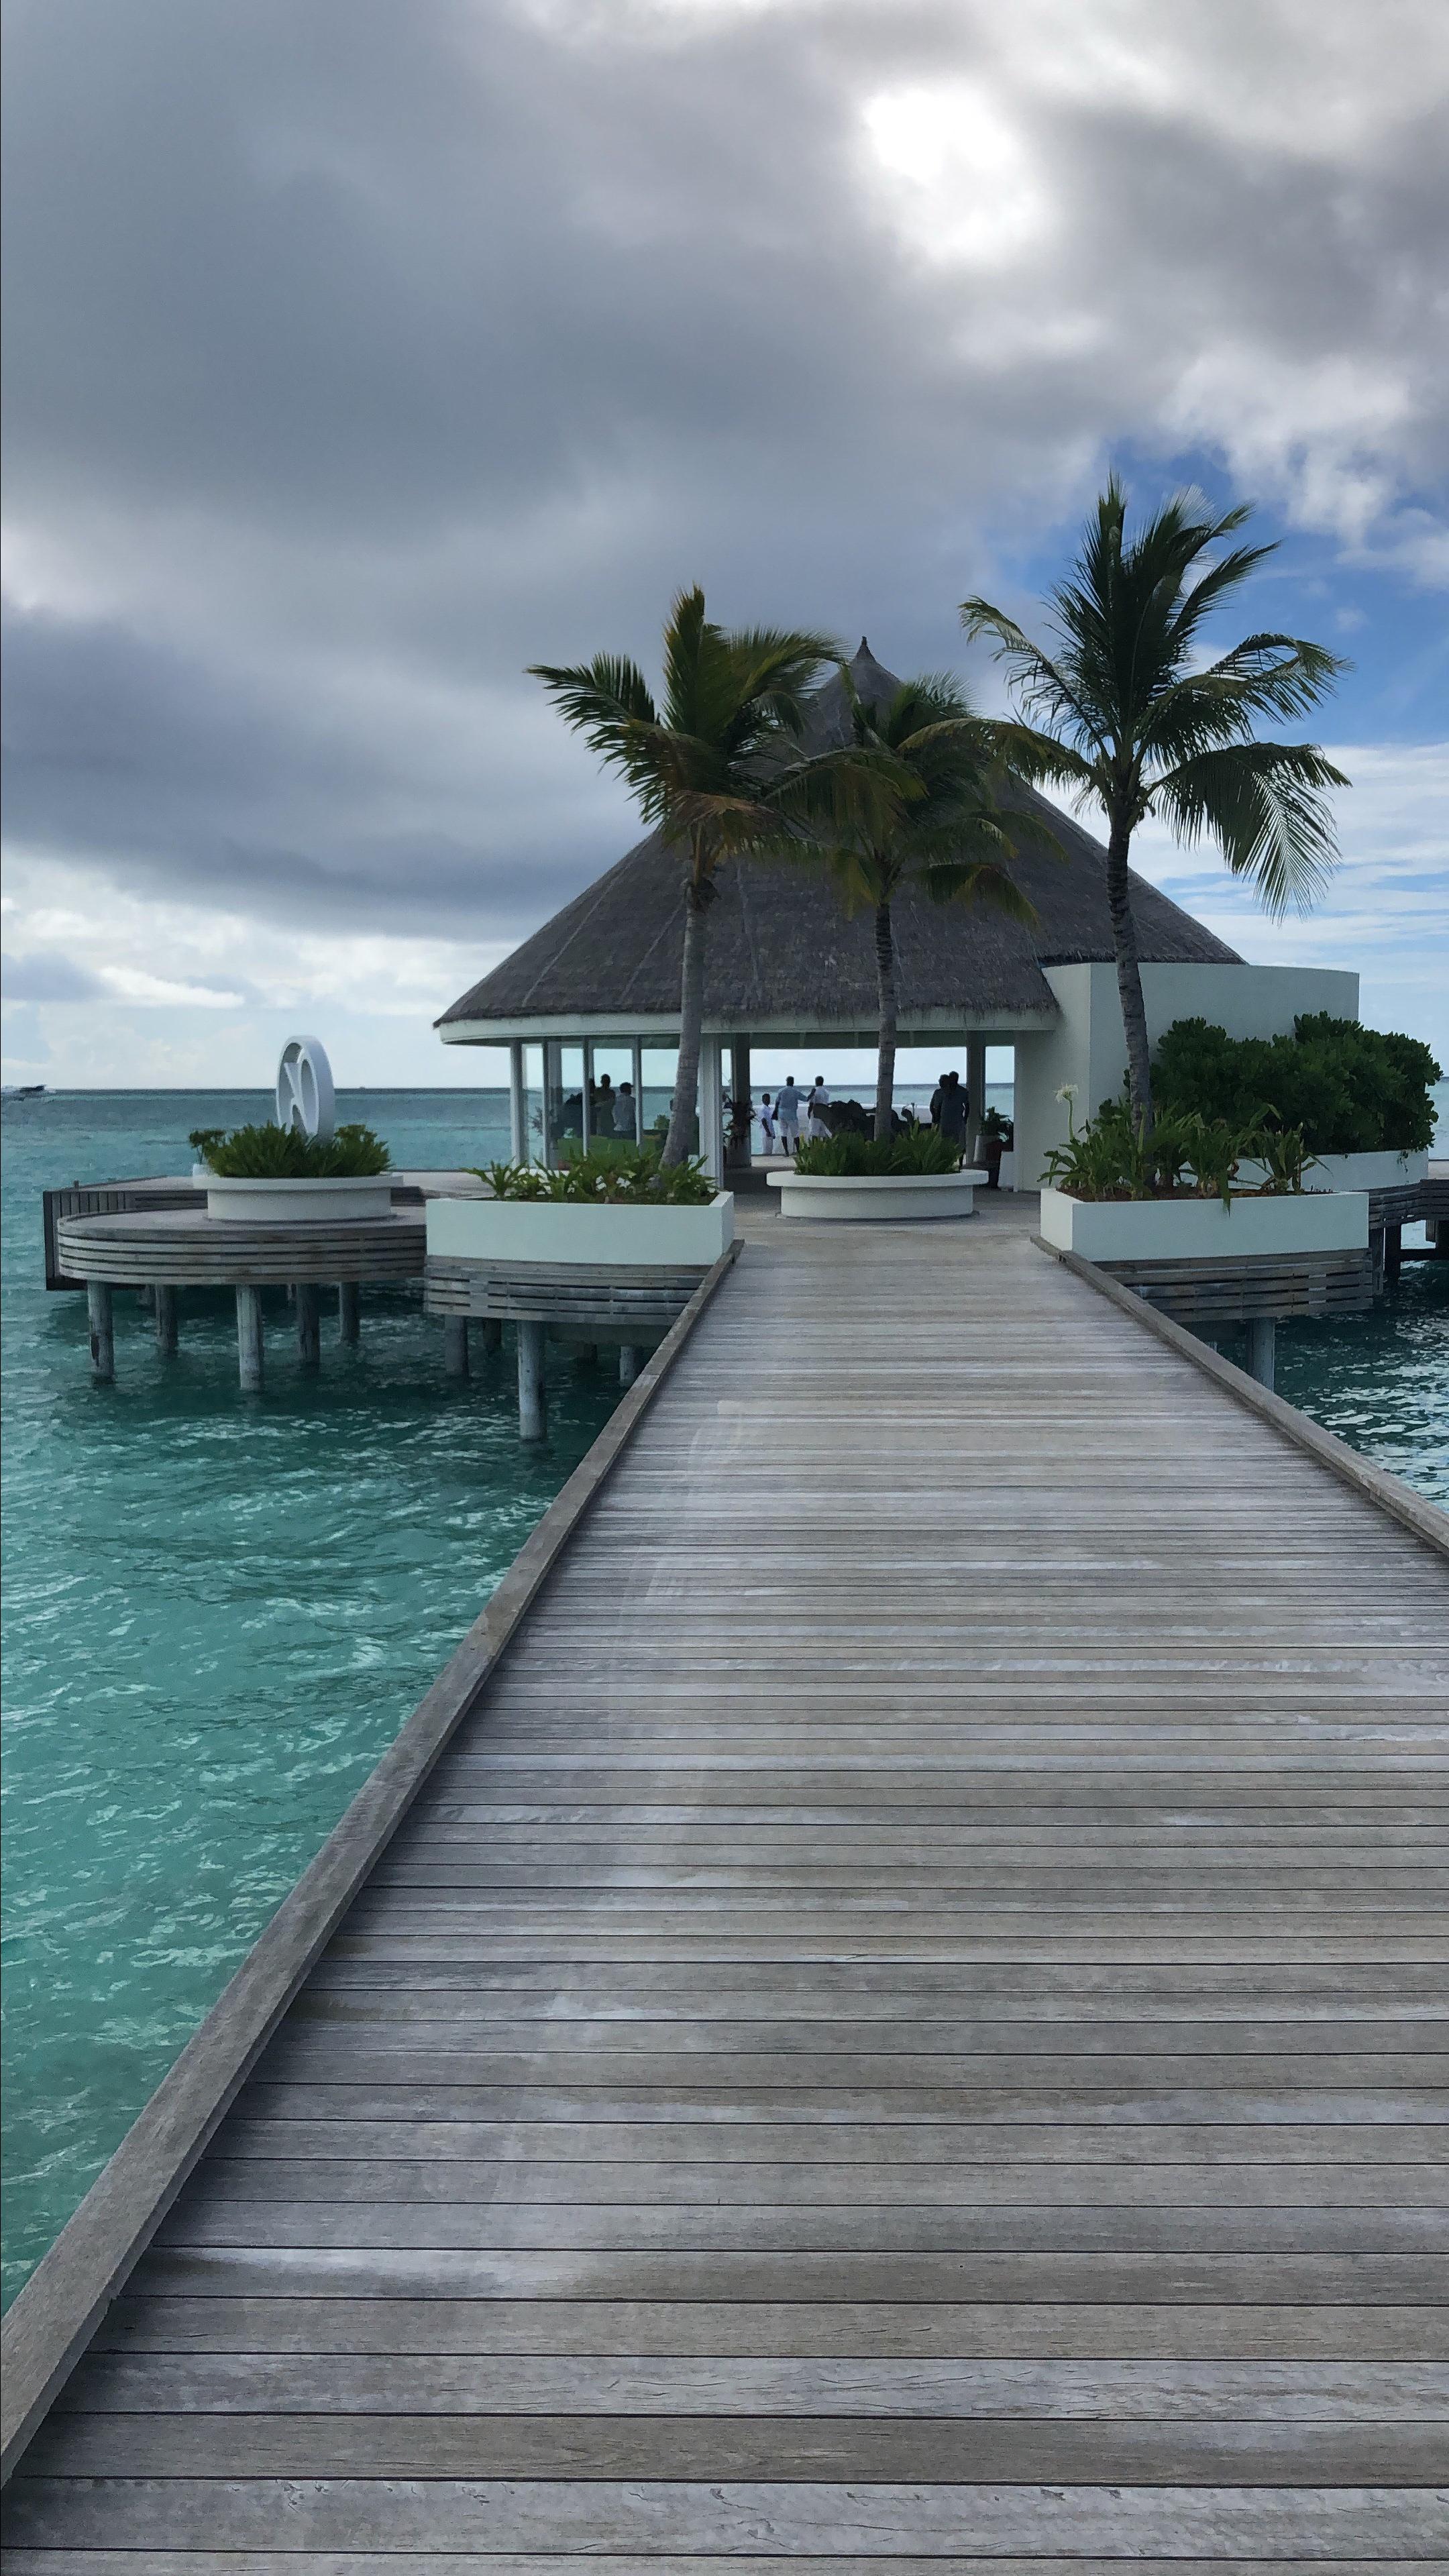 Camille_Maldives_4